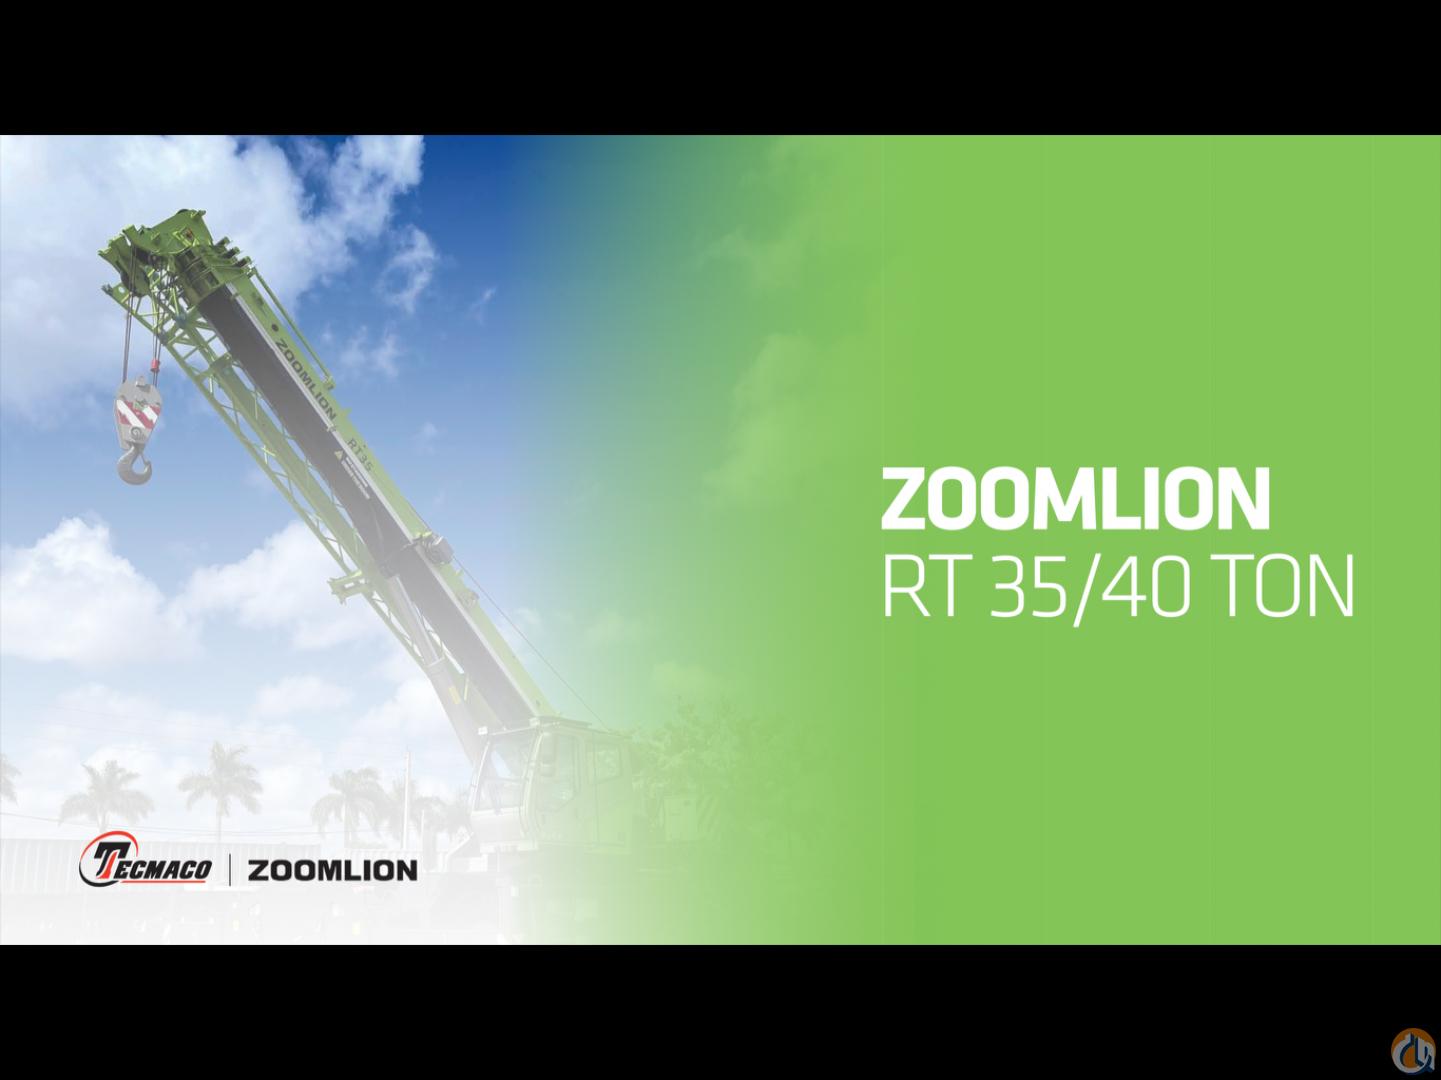 Zoomlion RT35/40